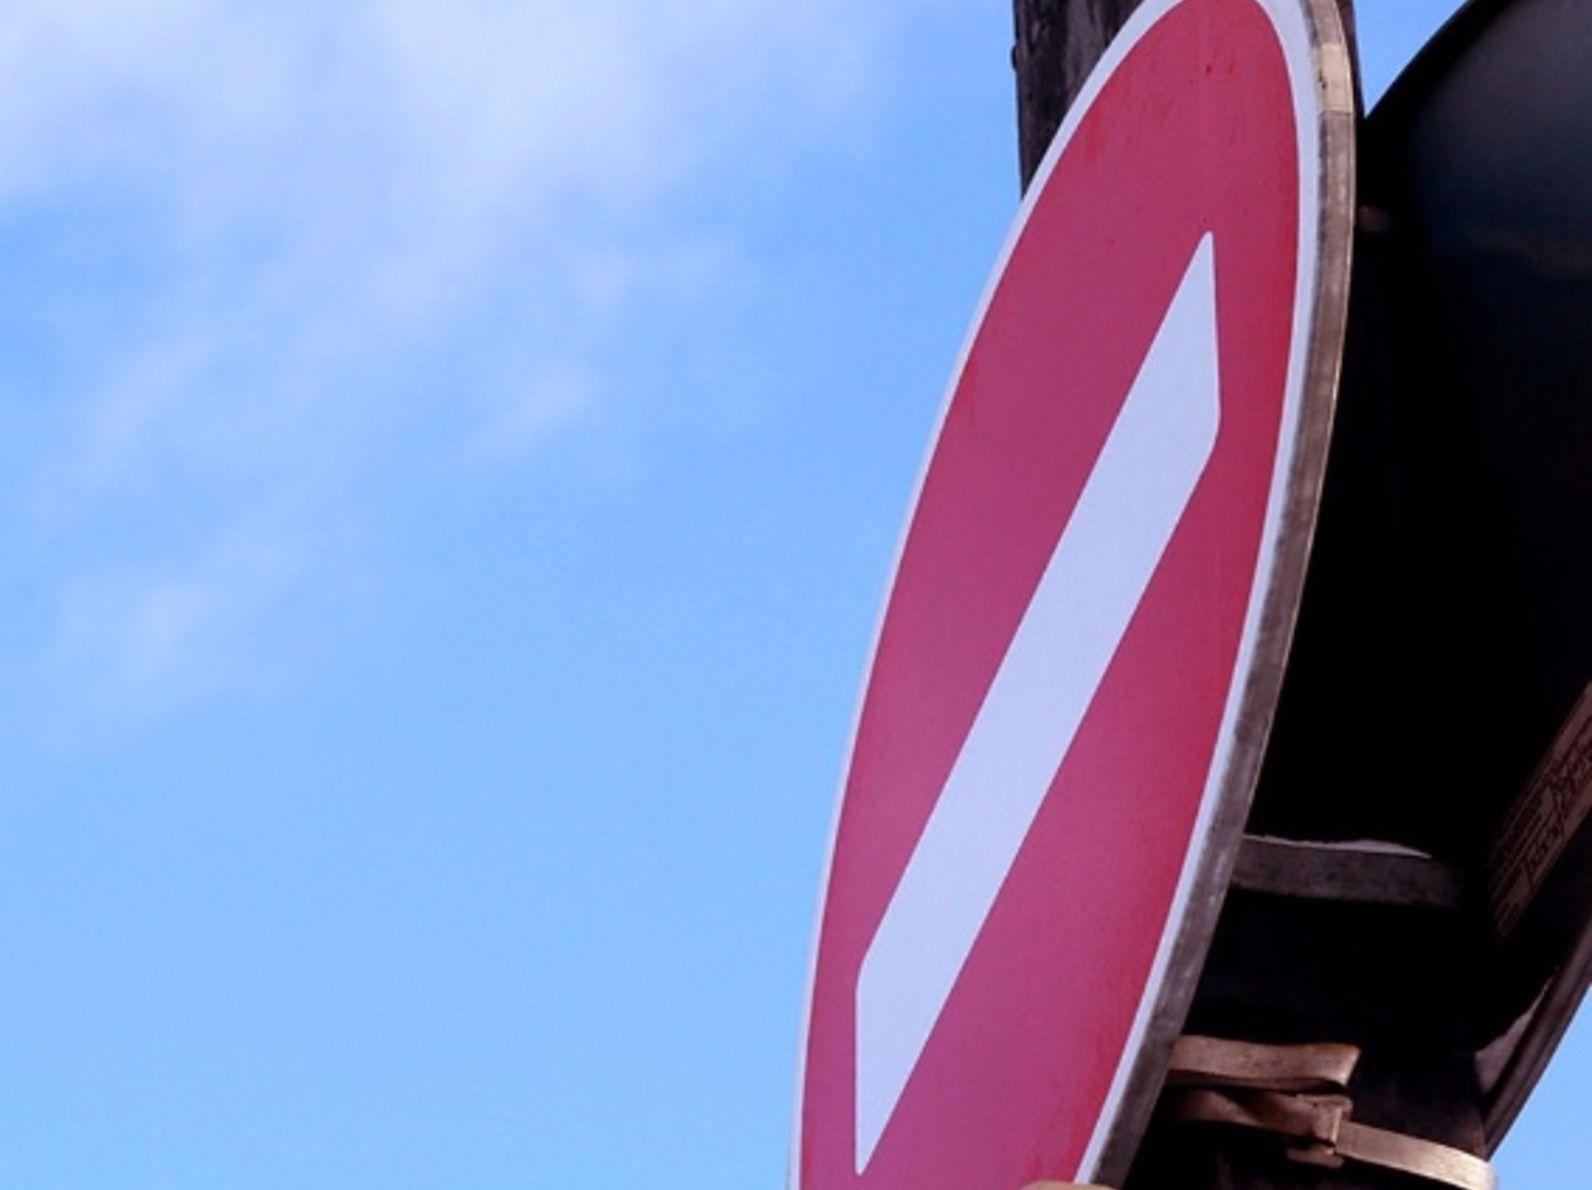 Москвичей предупредили о перекрытии улицы Лебедева